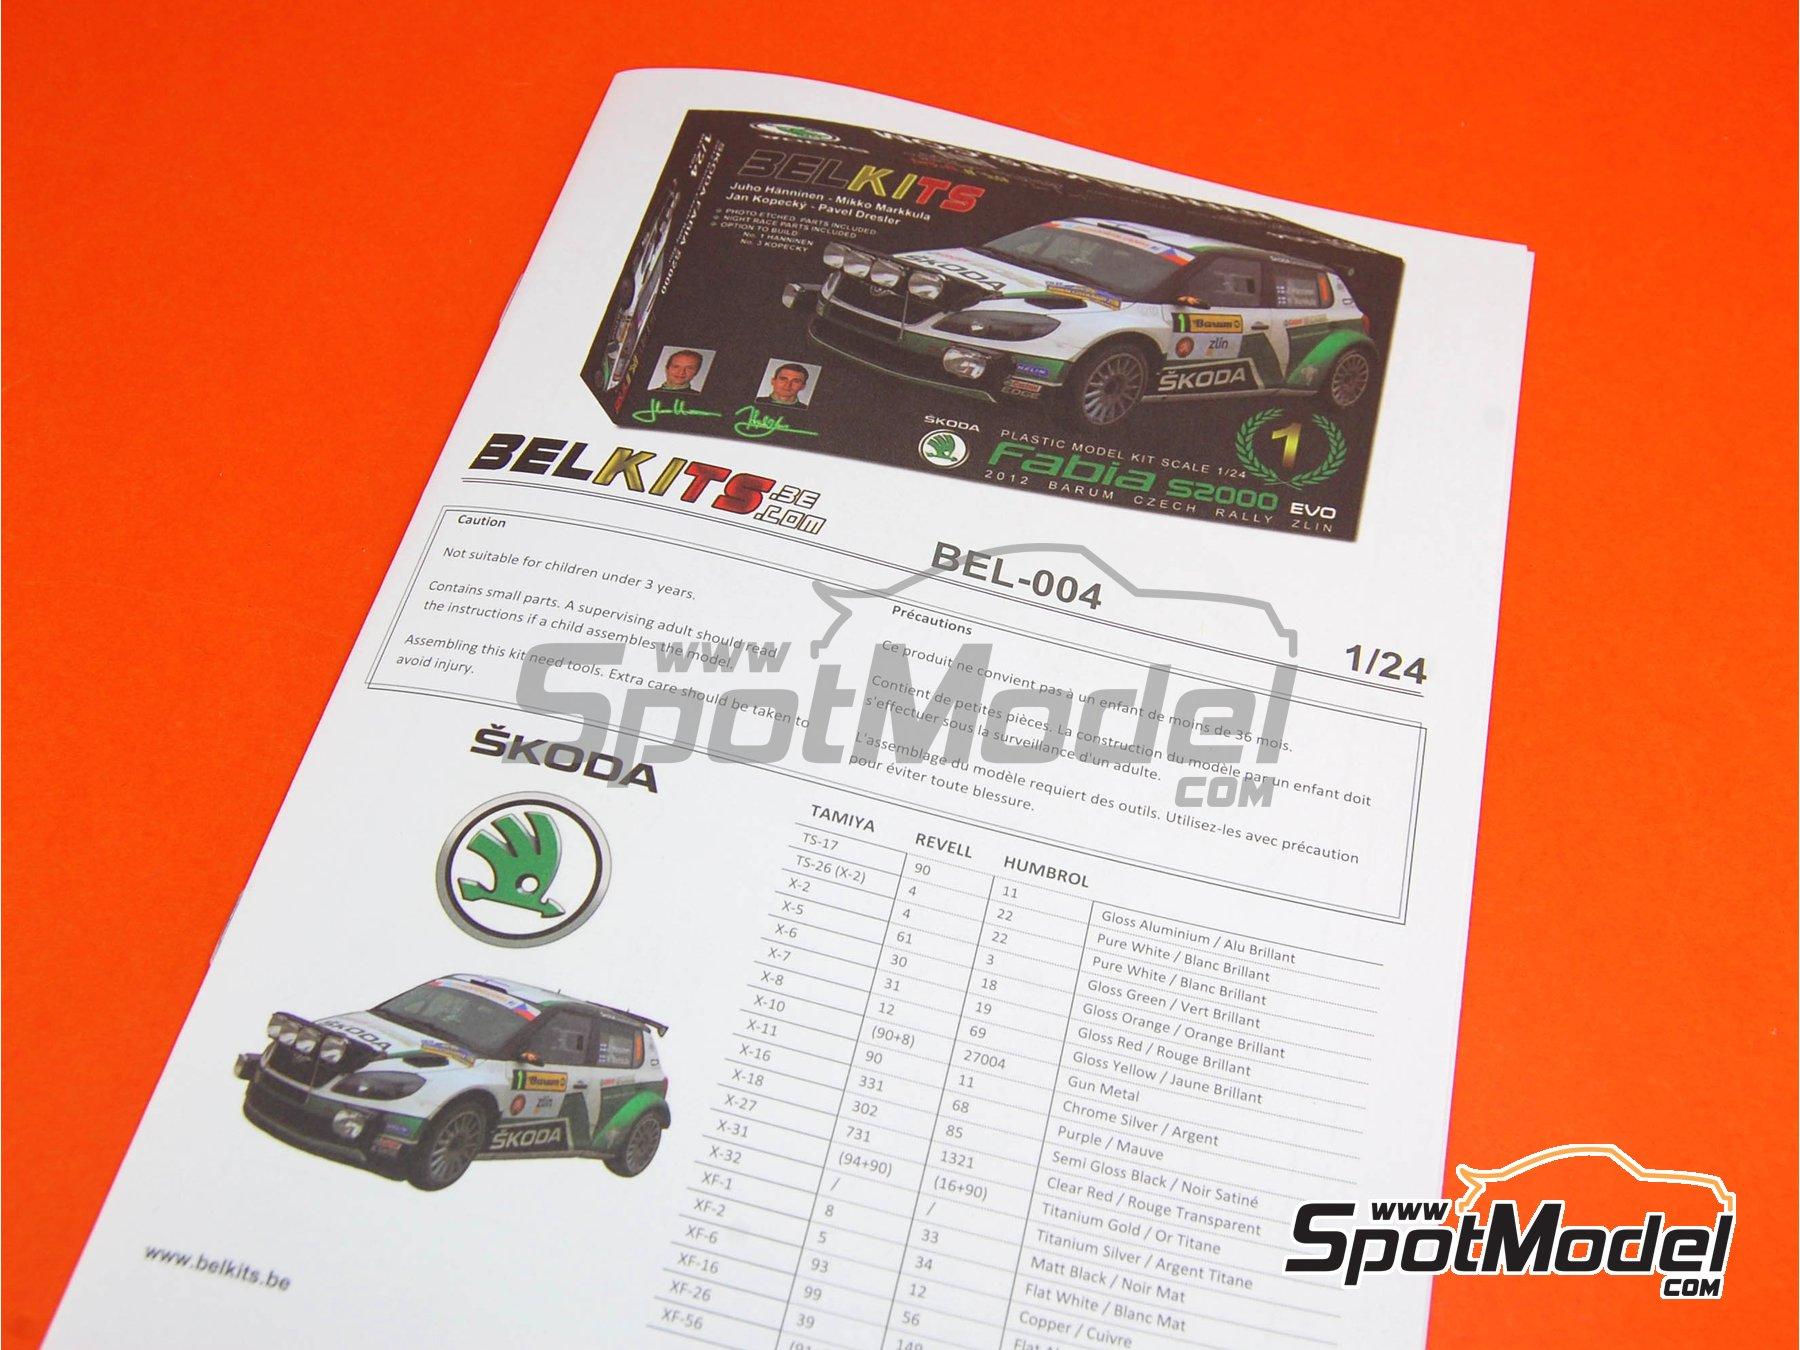 Image 1: Skoda Fabia S2000 Evo - Barum Czech Rally 2012 | Model car kit in 1/24 scale manufactured by Belkits (ref.BEL-004, also BEL004)